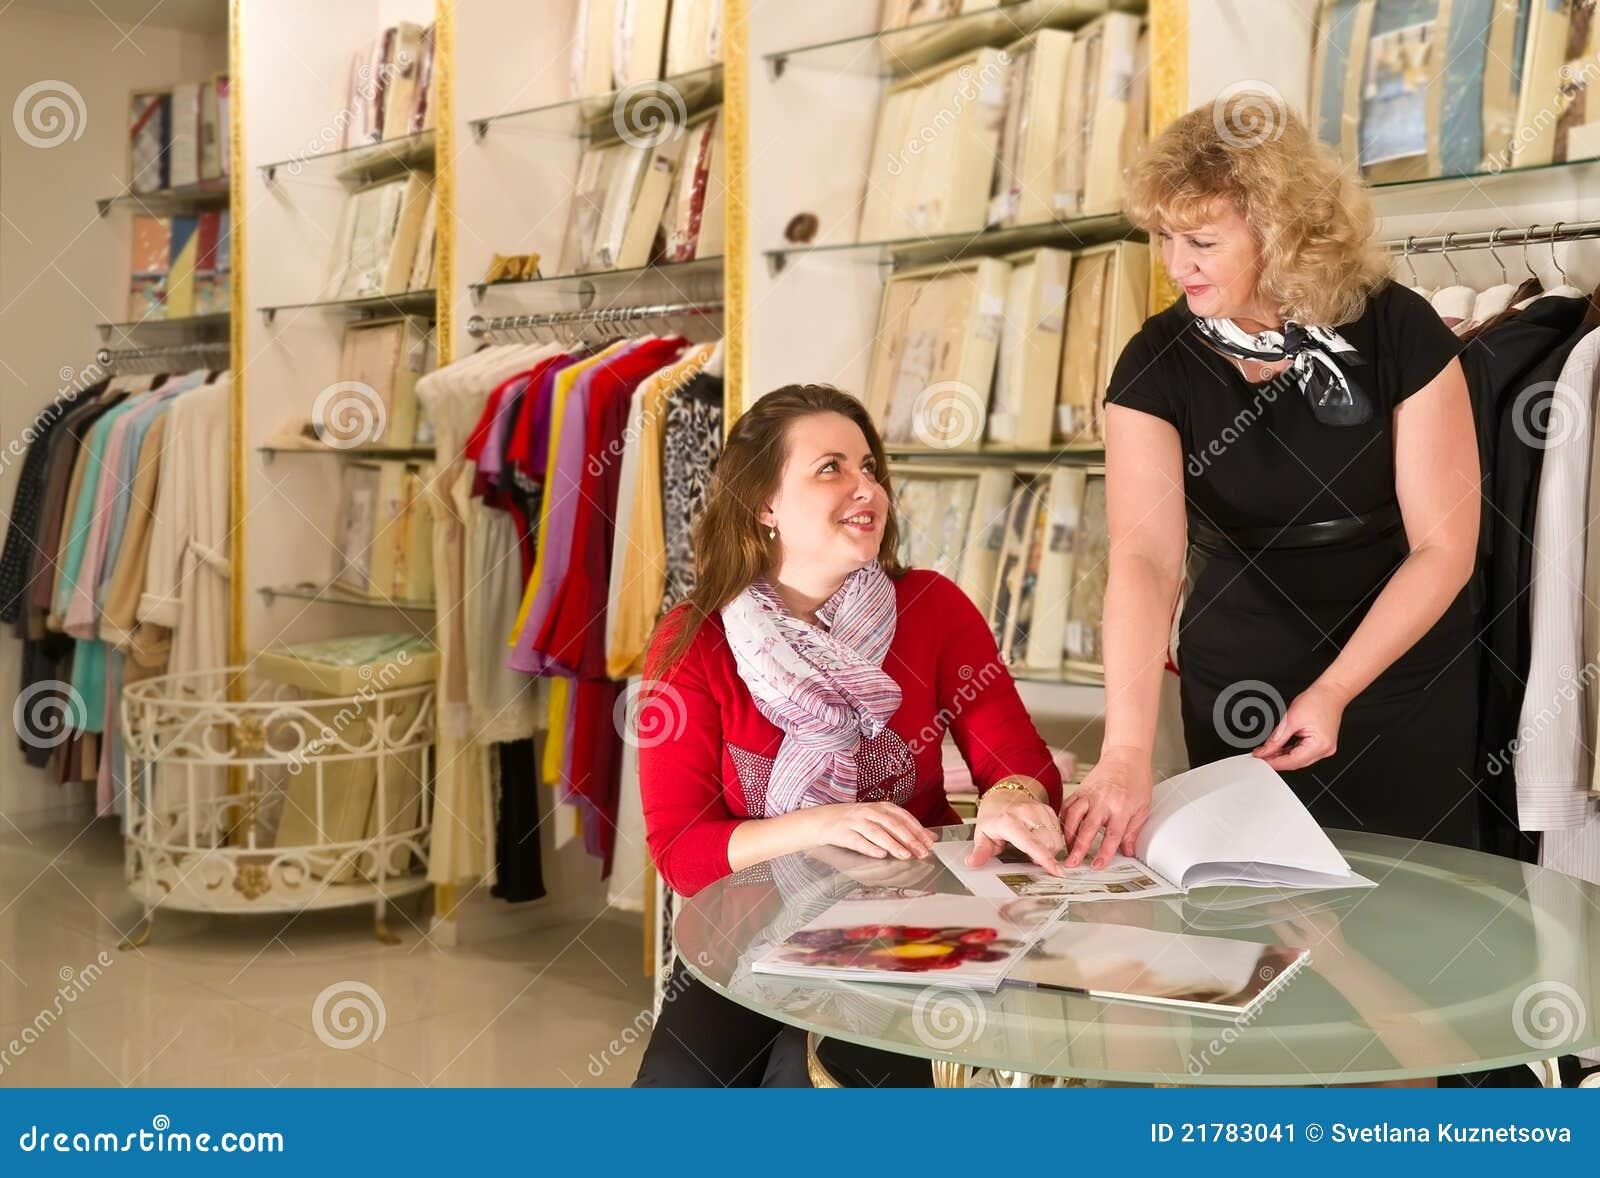 Comprador assistente na loja